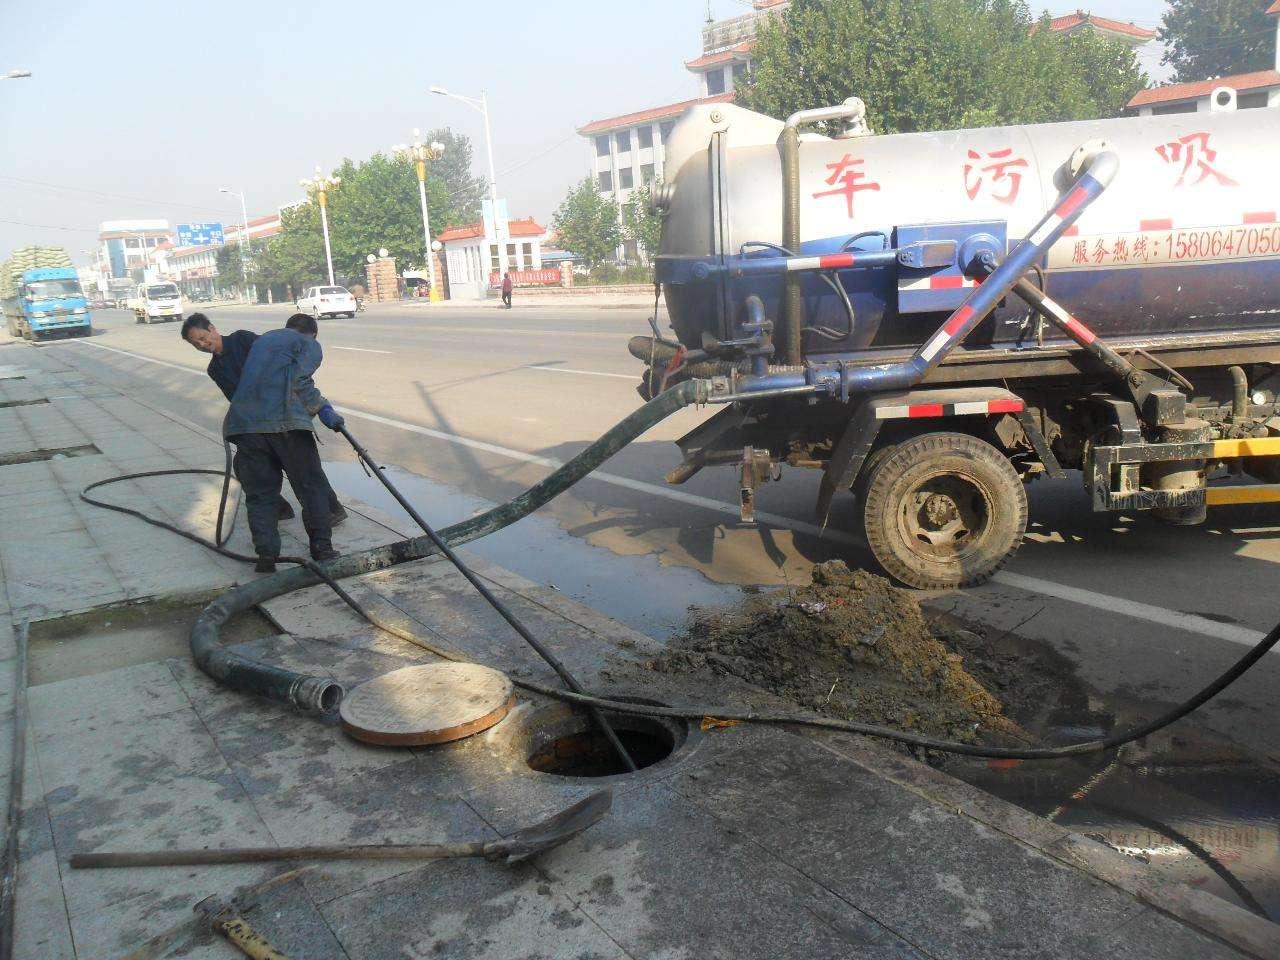 唐山海港开发区高压清洗管道,下水道疏通专业团队